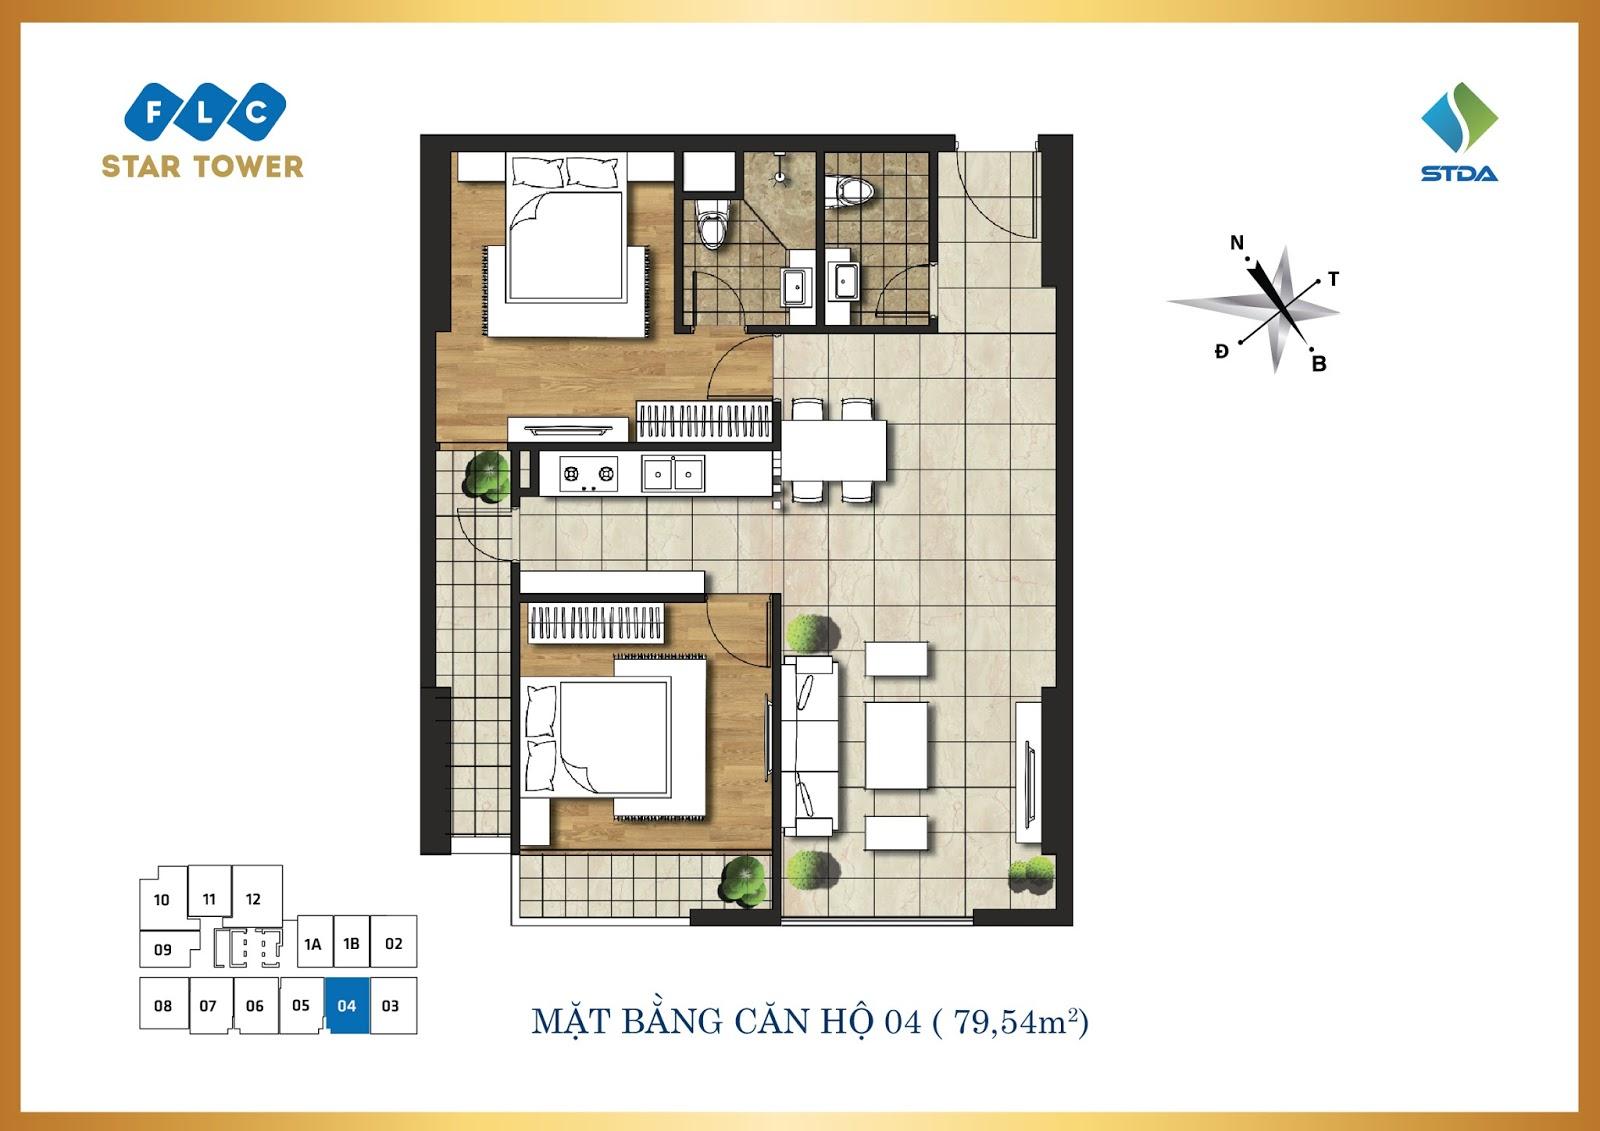 Thiết kế căn hộ số 4 - Chung cư FLC Star Tower